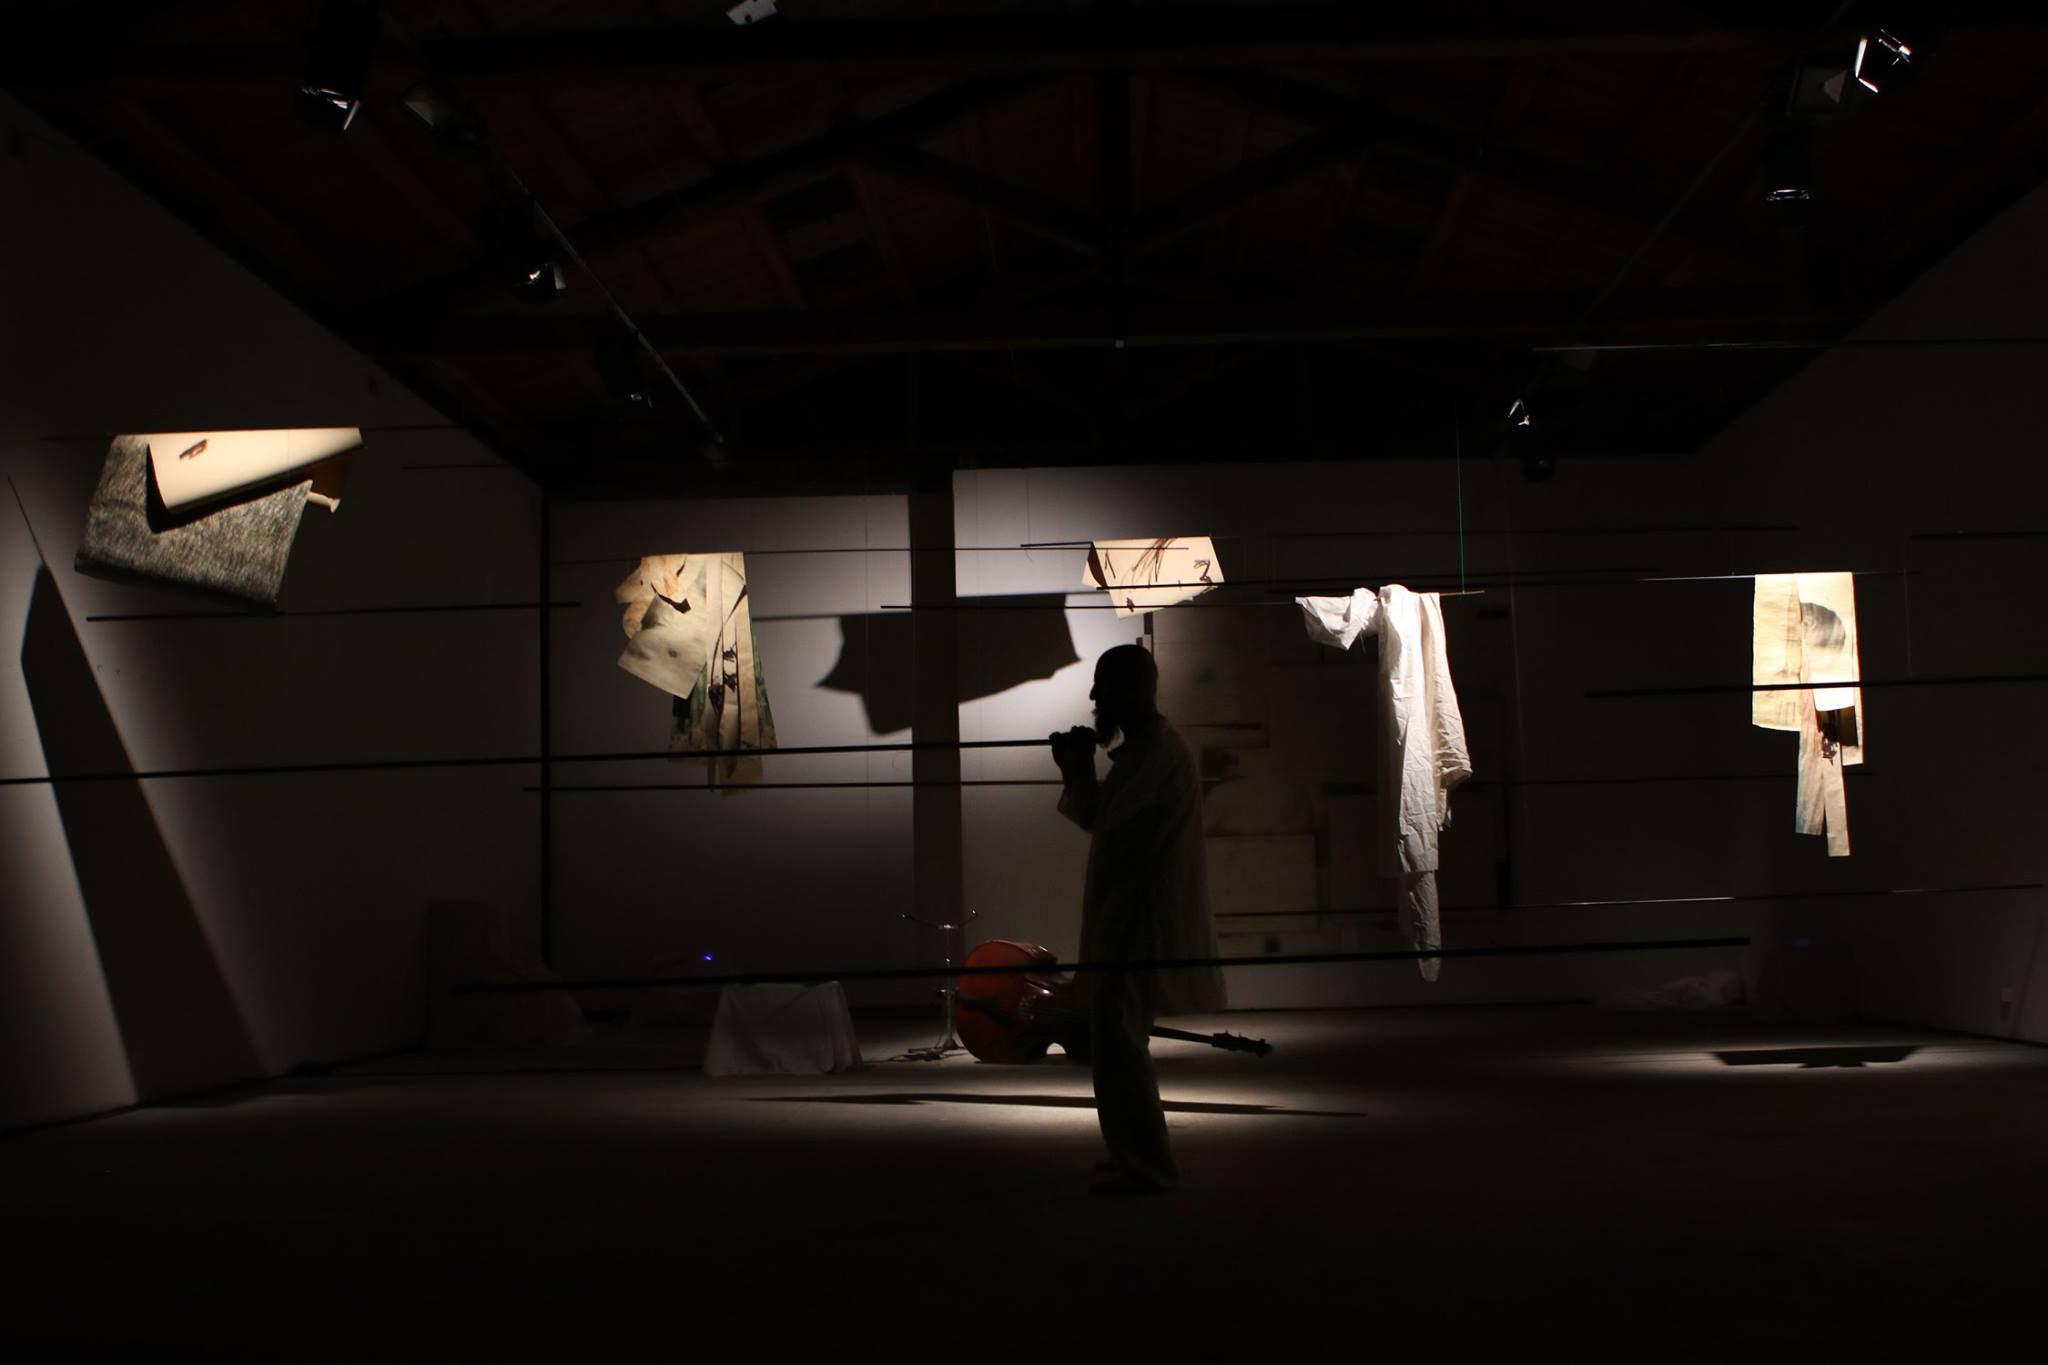 Installazione per la rassegna  , Via Varco segni e suoni,  con una performance ed improvvisazioni sonore di Maurizio Chiantone. Studio Umberto Manzo Rotondi, Aprile 2019